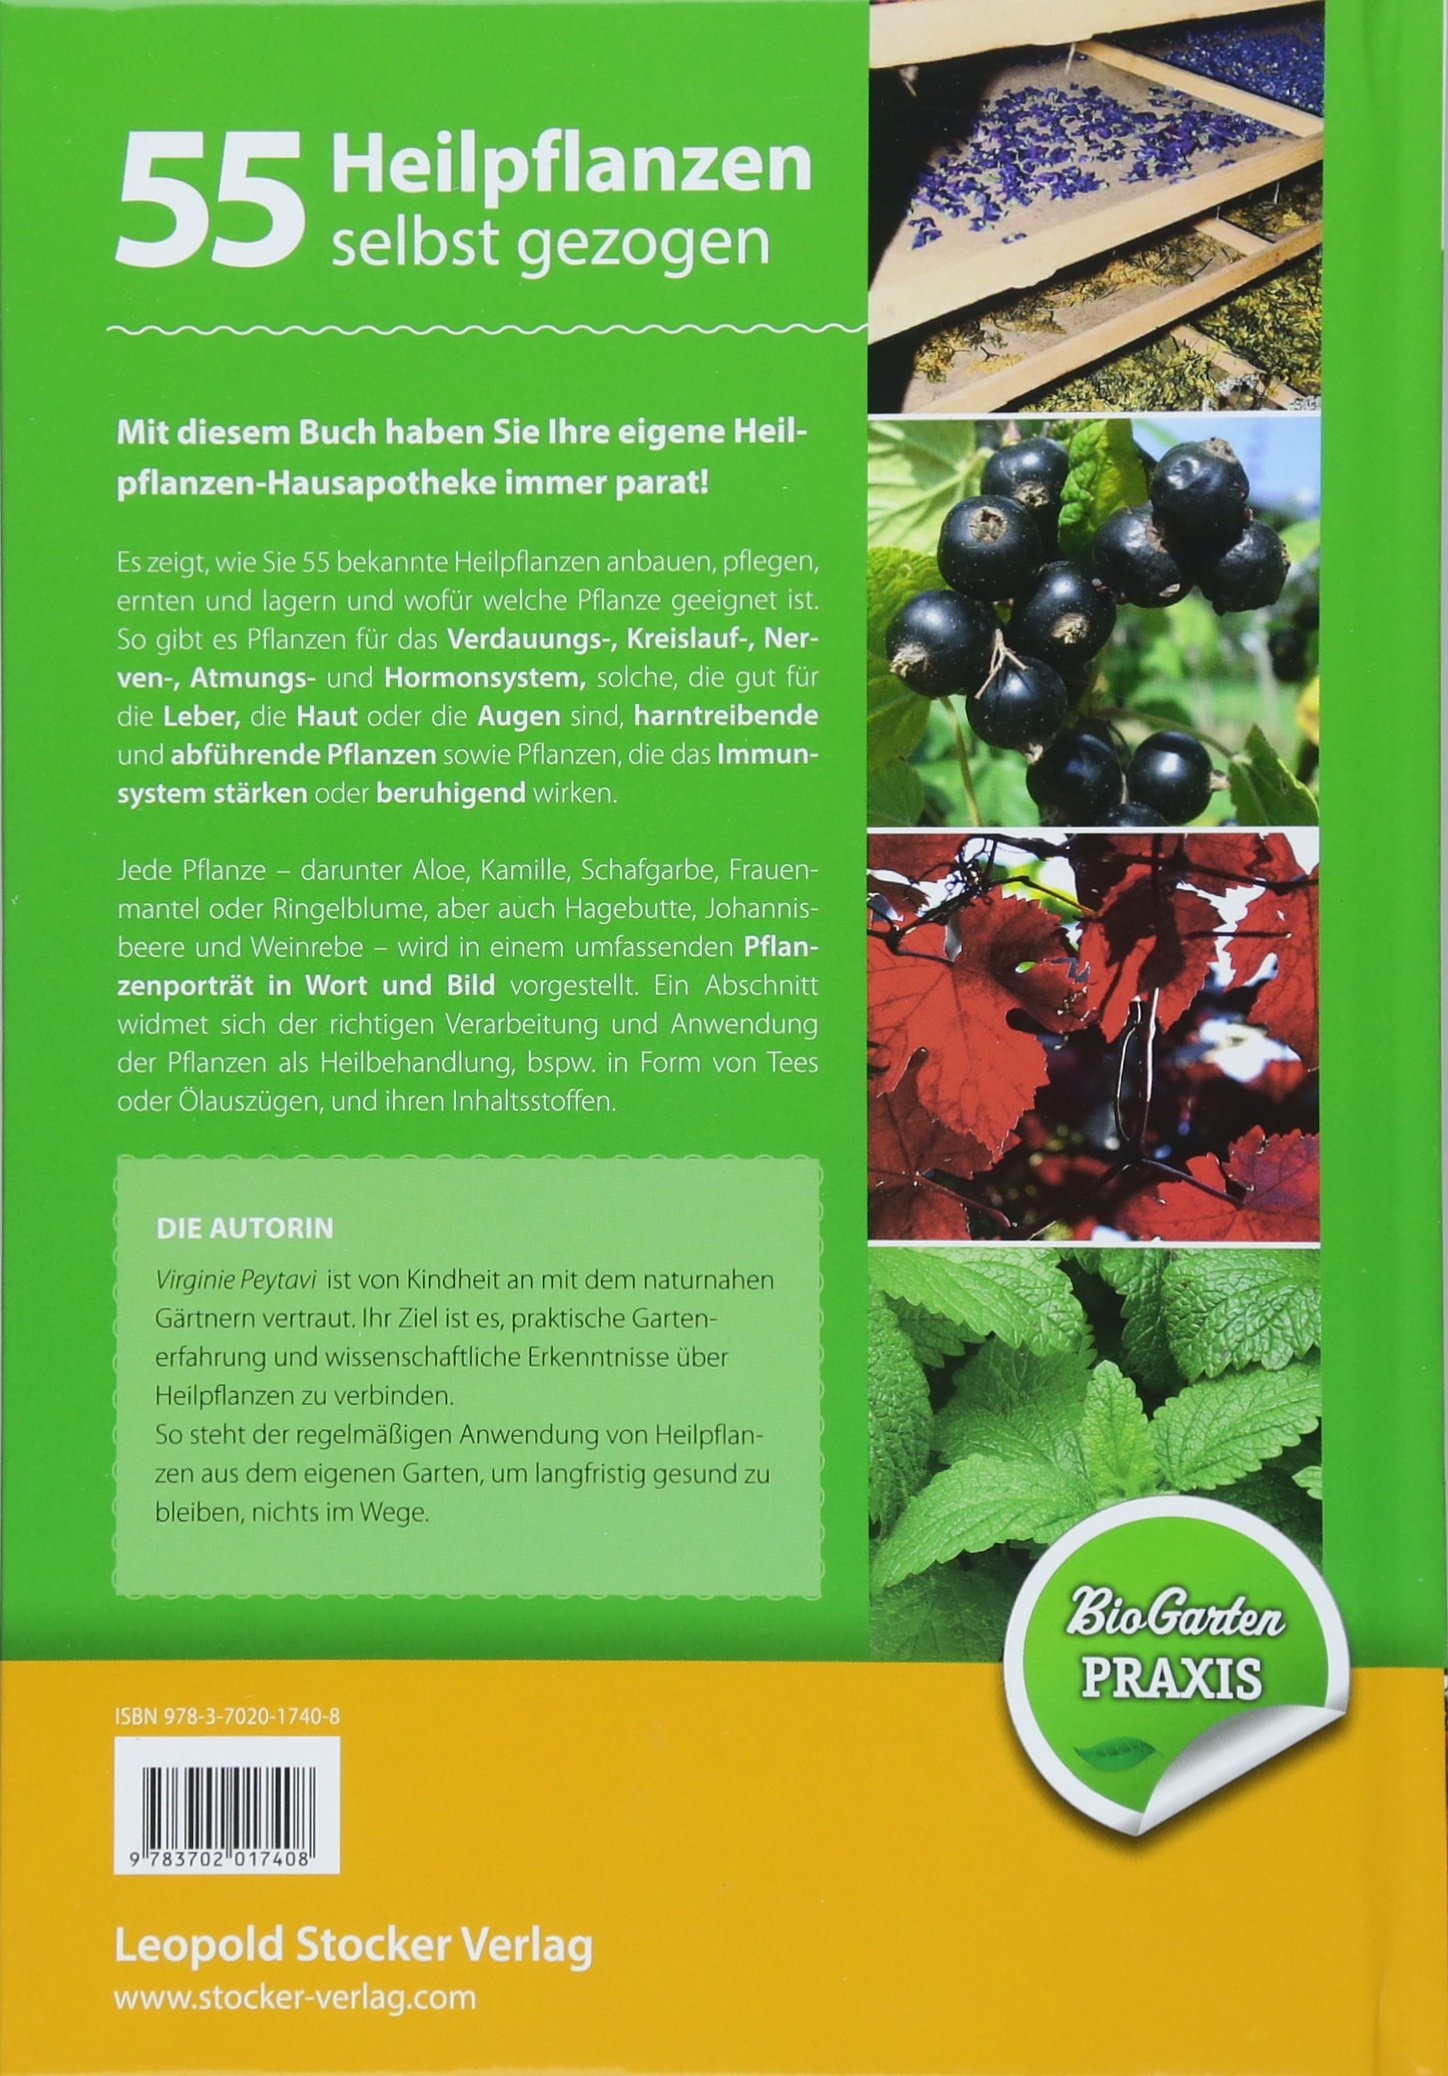 55 Heilpflanzen selbst gezogen: Anbau, Pflege, Verwendung, Bio ...